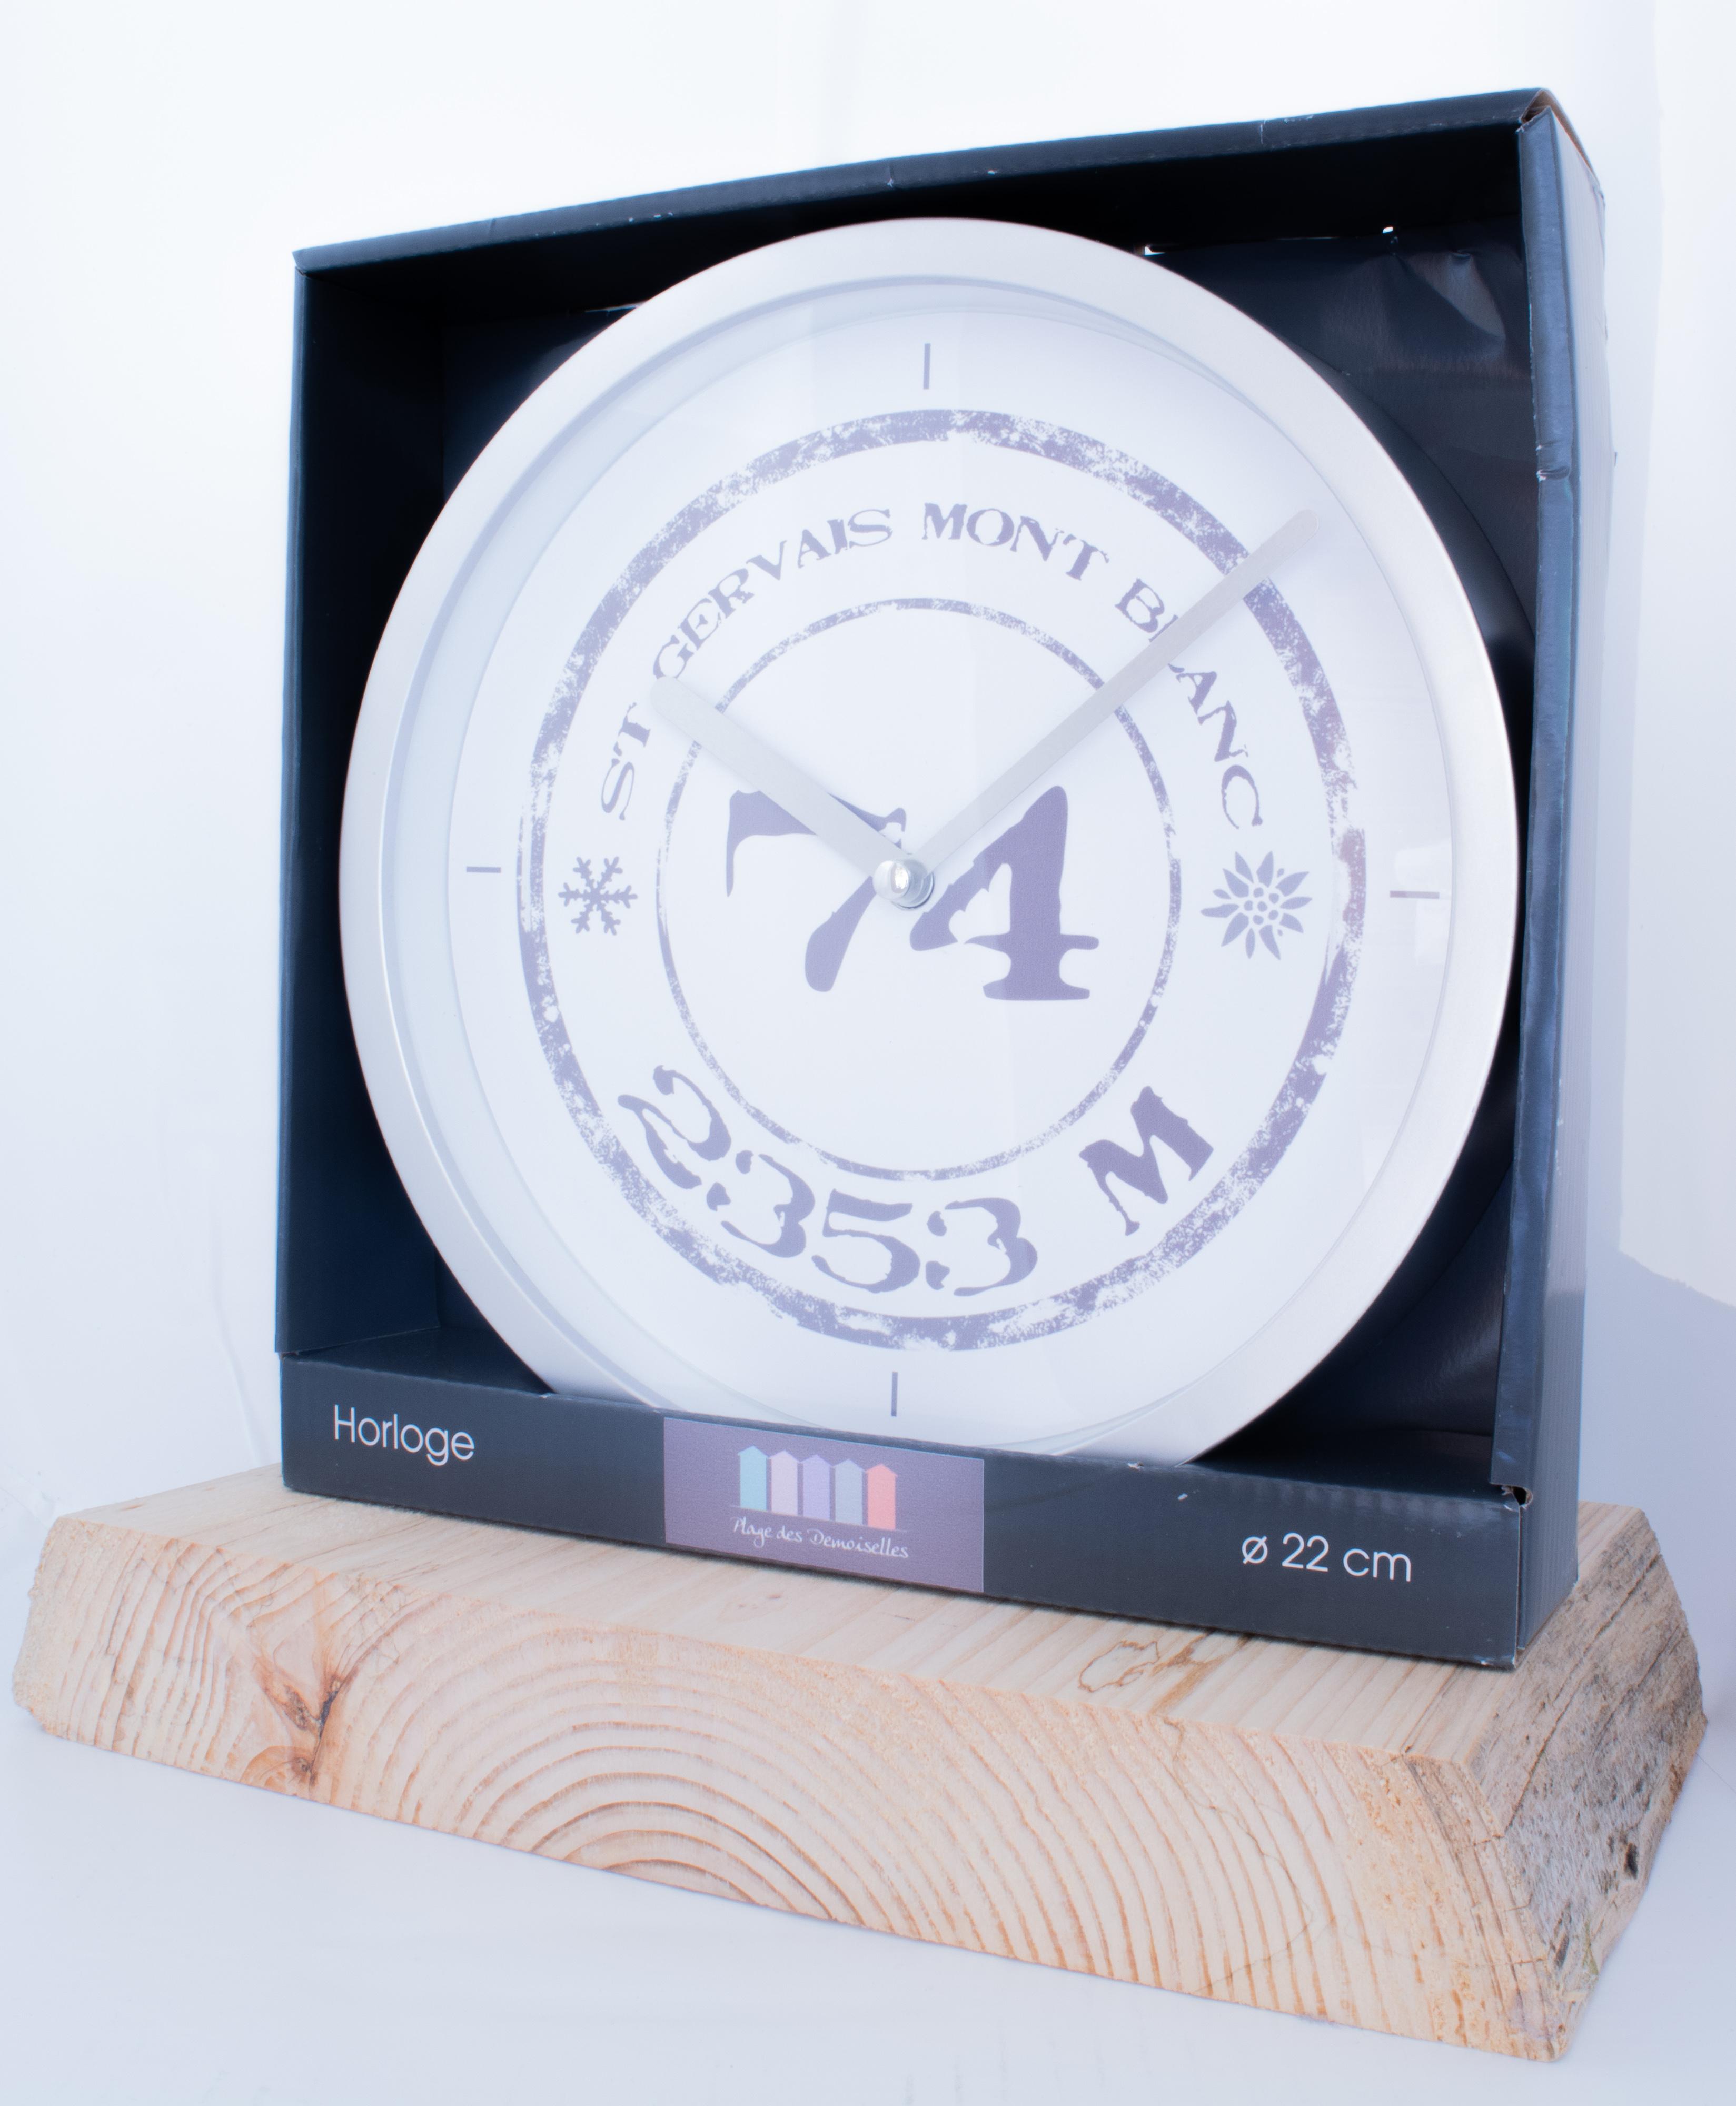 Horloge Saint-Gervais Mont-Blanc